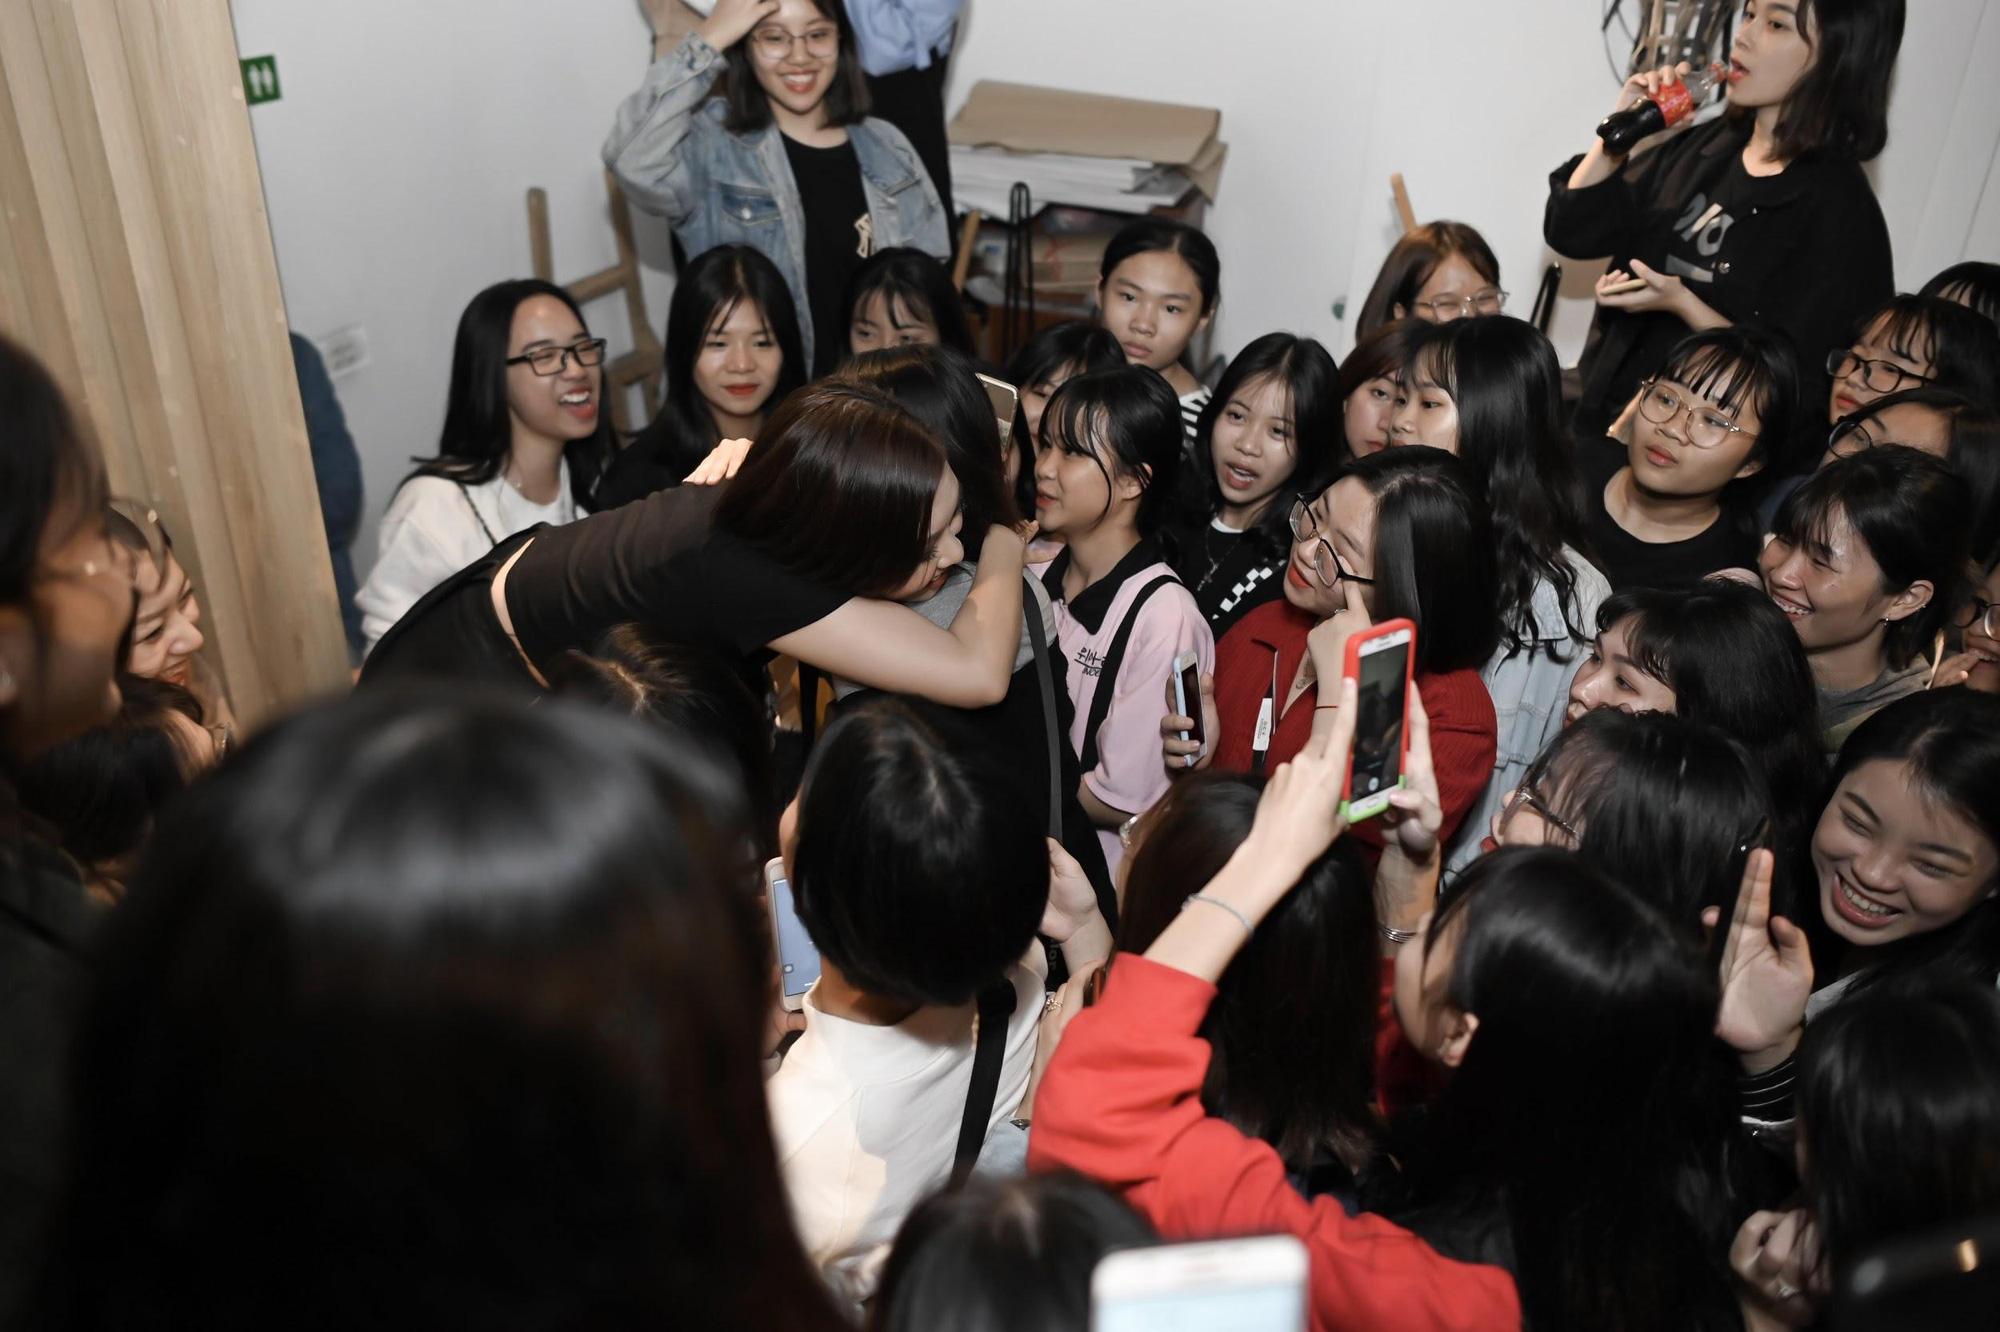 Bật mí nguyên nhân khiến hàng trăm cô gái xếp hàng trước cà phê Cây ở Vĩnh Hồ cuối tuần vừa qua - Ảnh 5.